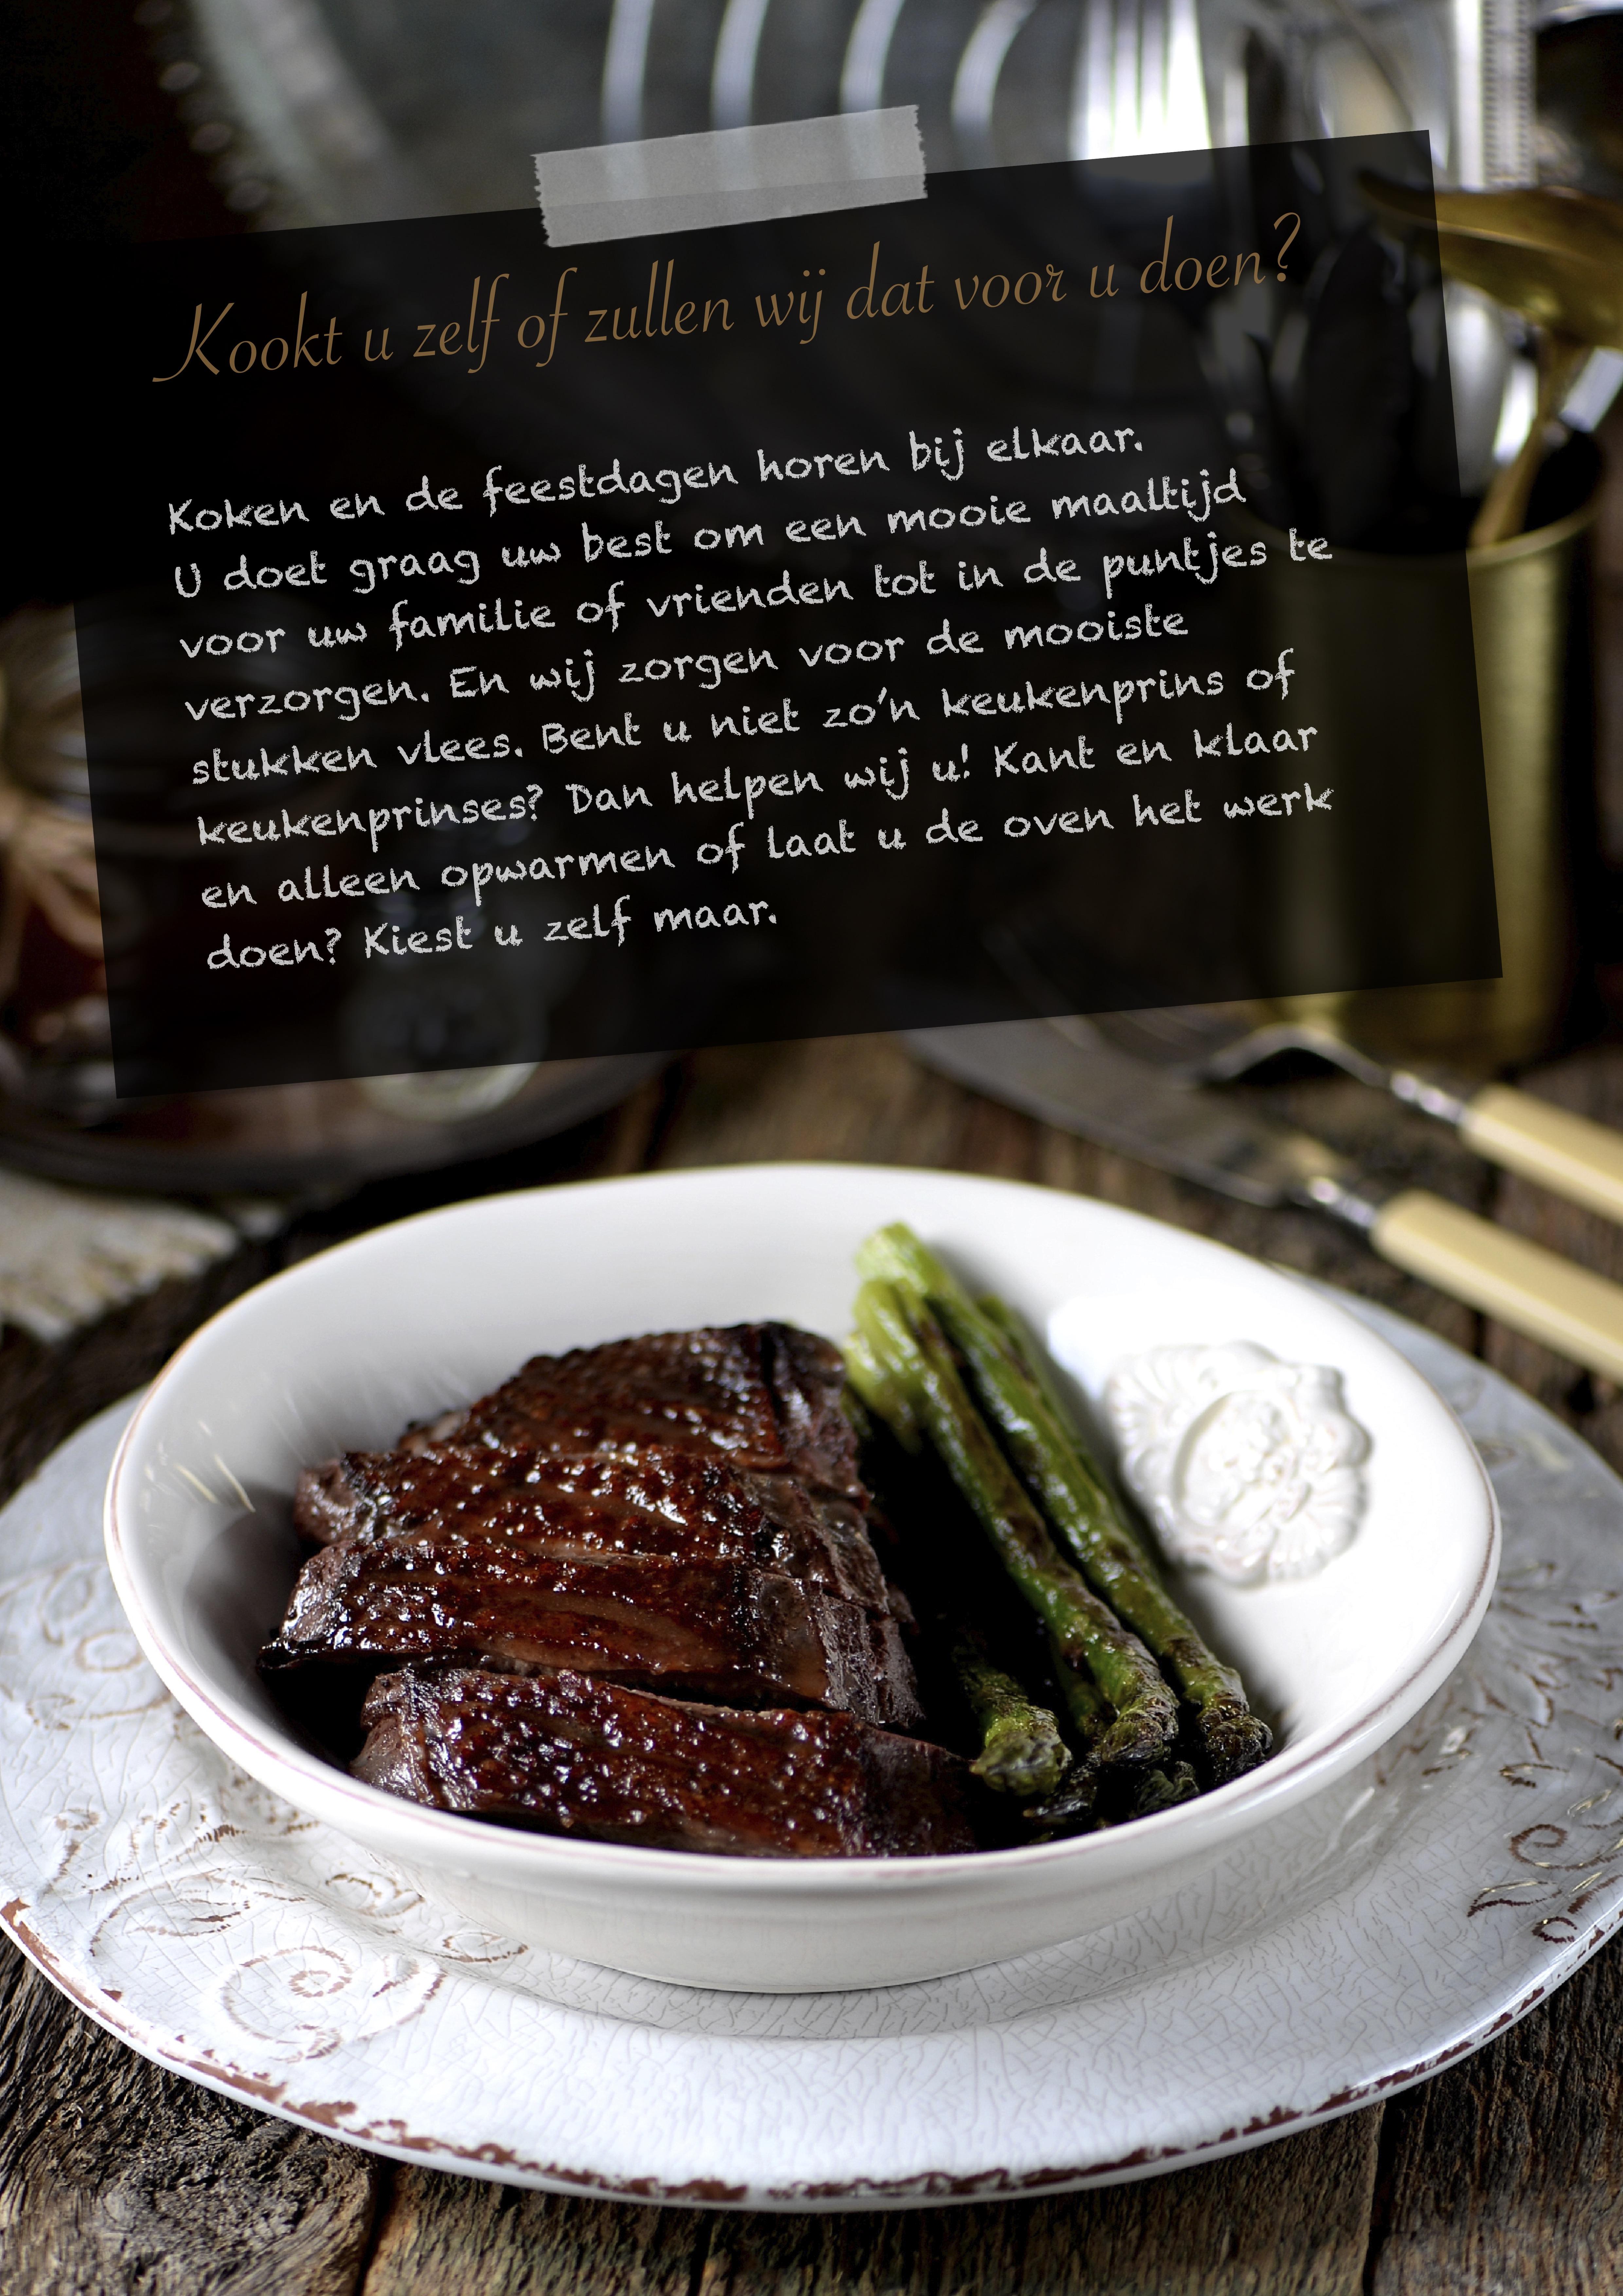 Kookt u zelf of zullen wij dat voor u doen?